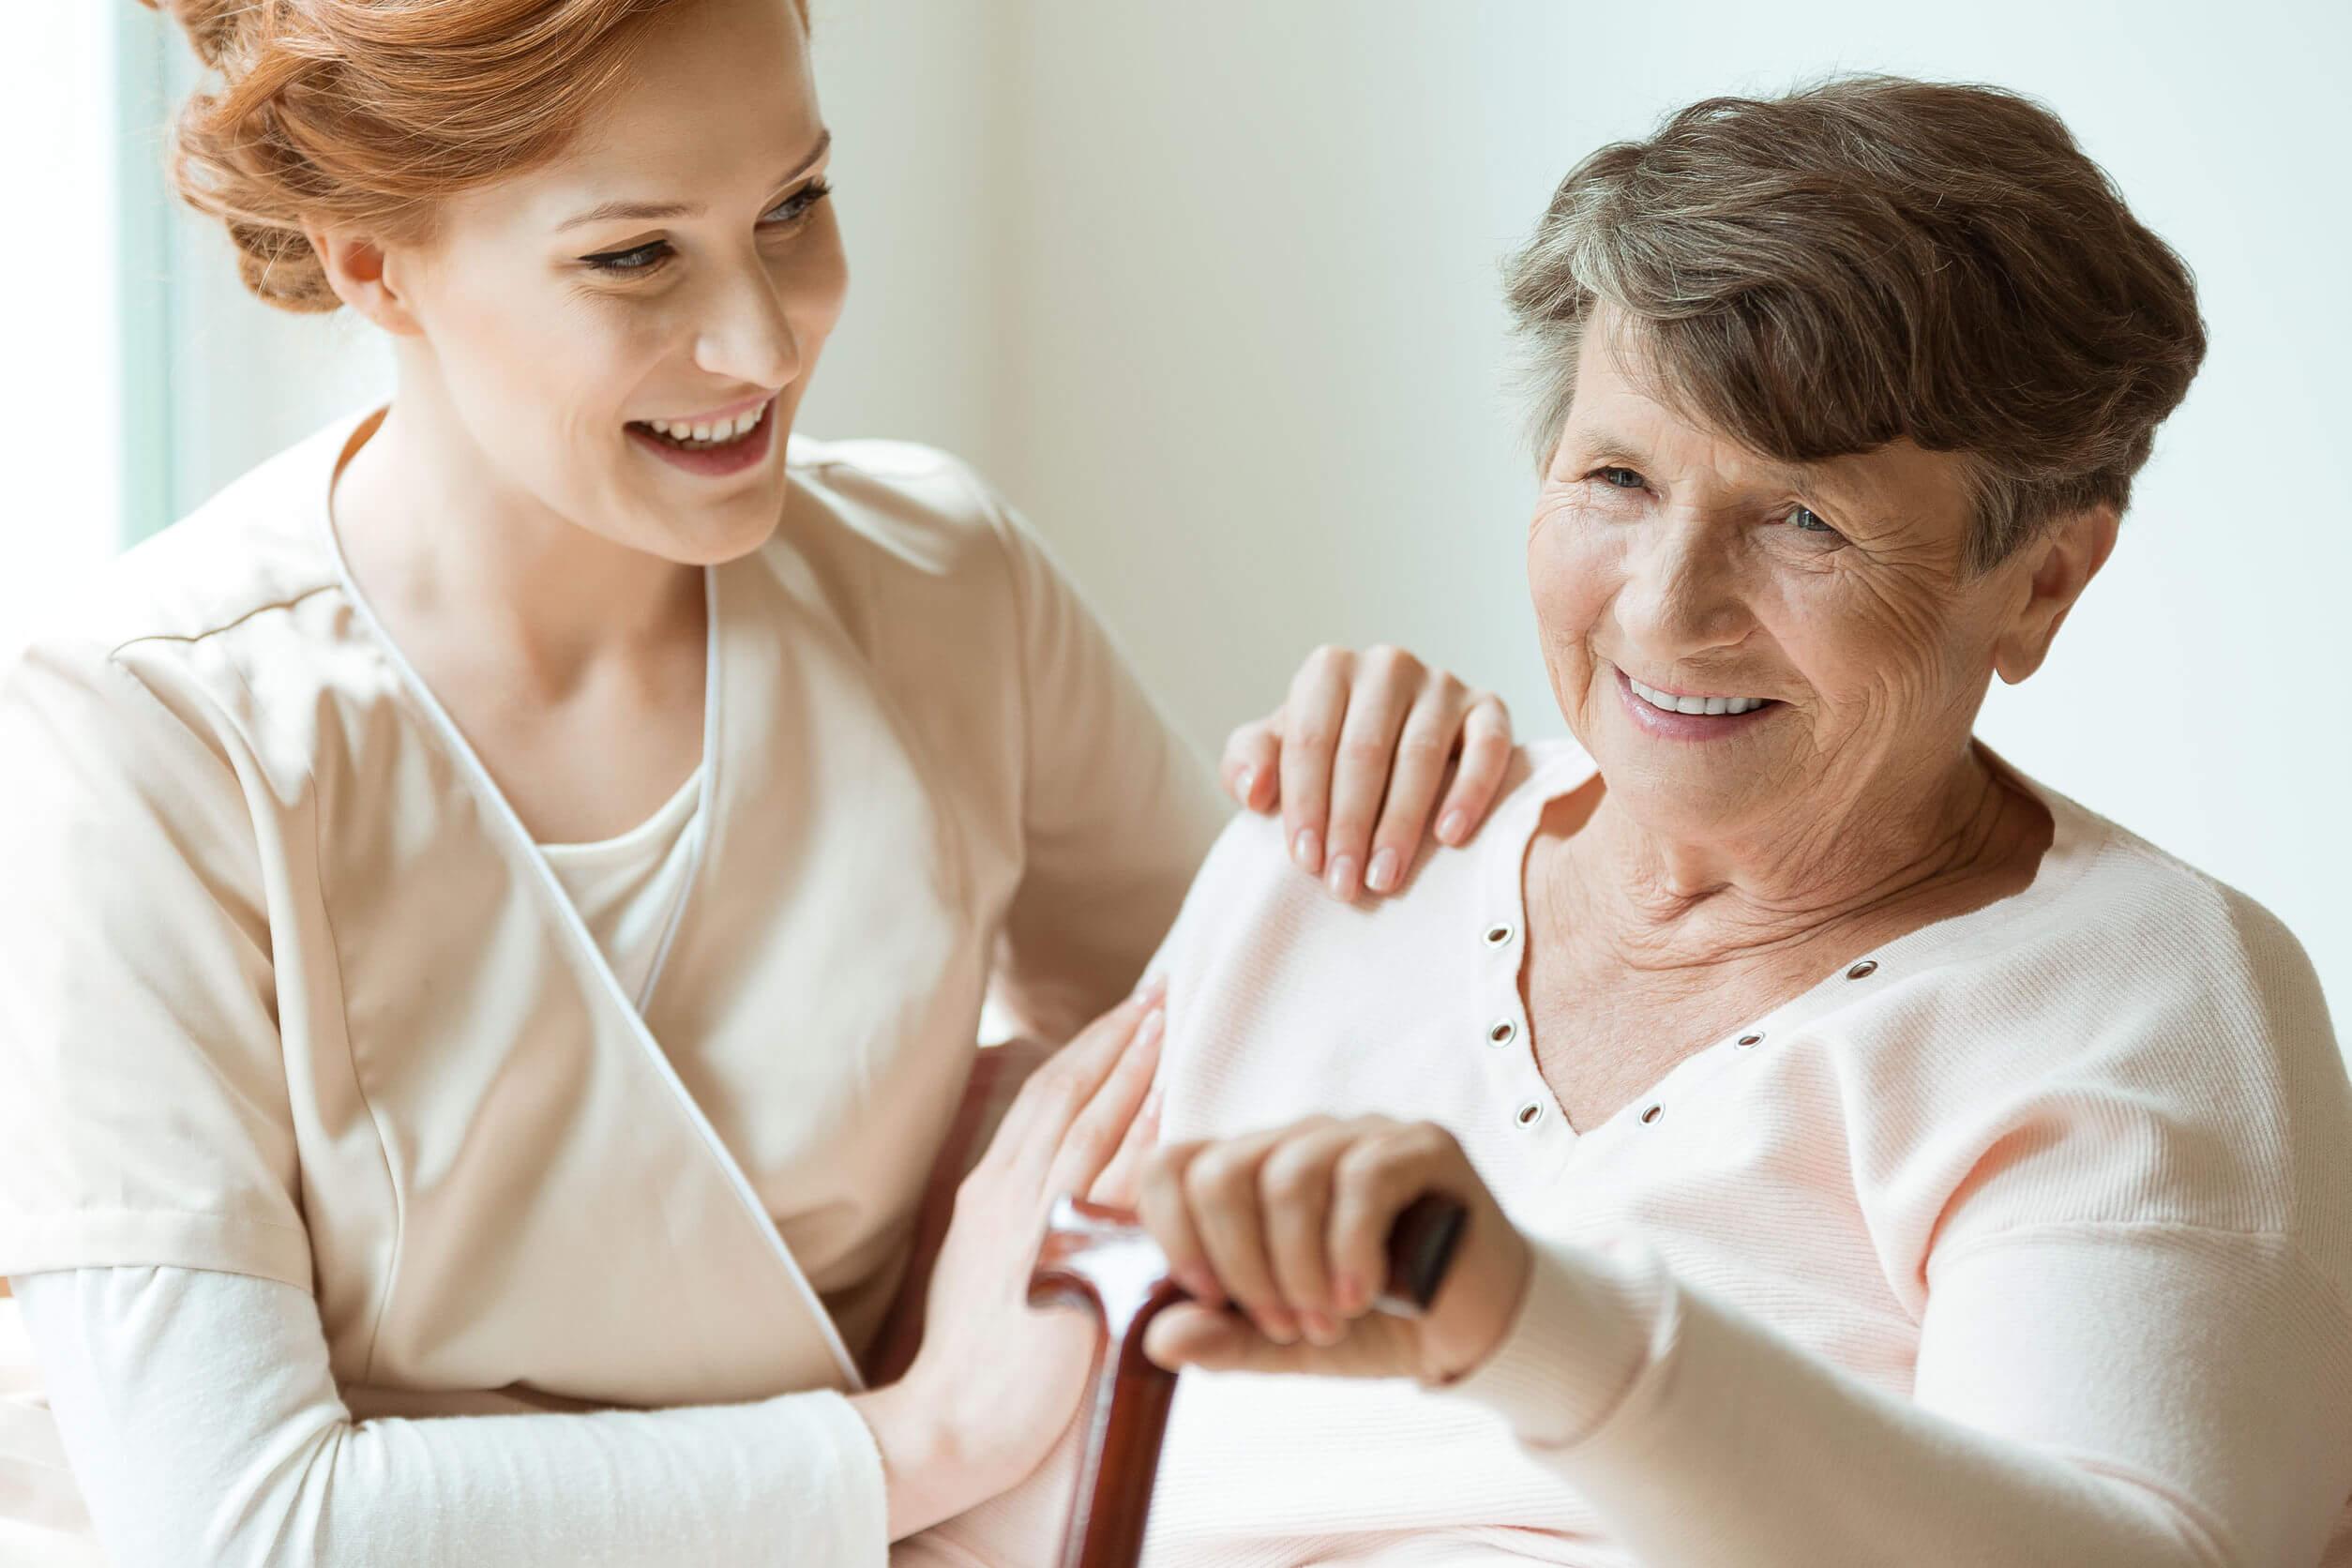 La rehabilitación cognitiva es útil en algunas enfermedades.